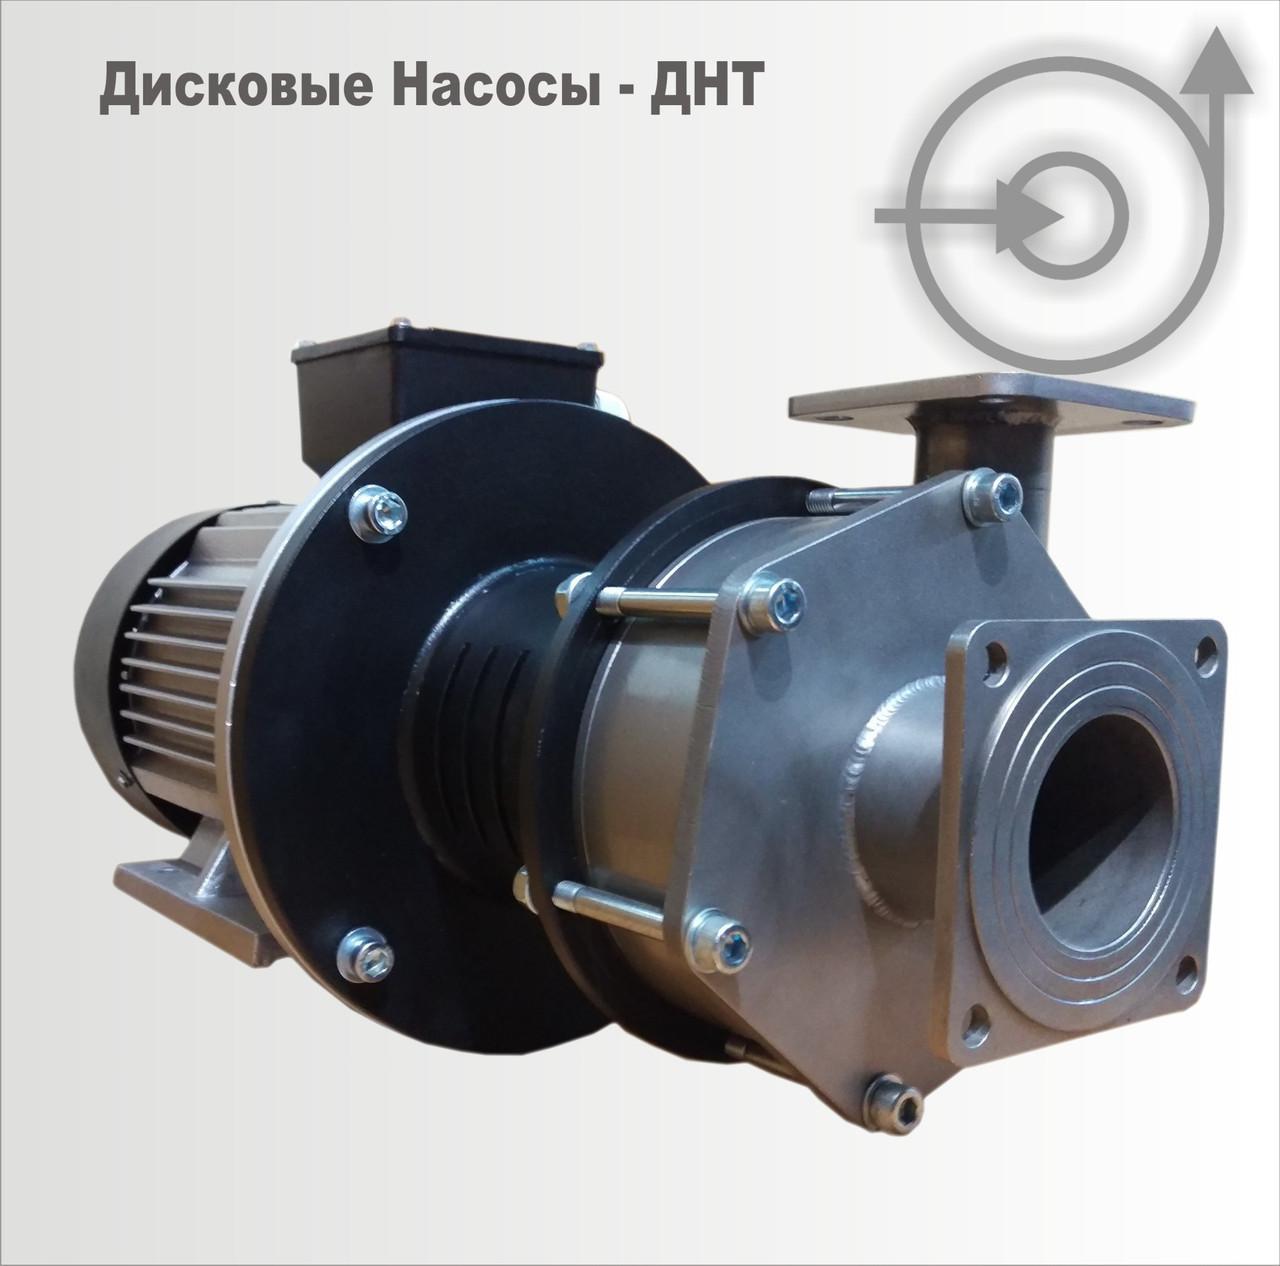 Дисковый насос ДНТ-М 170 30-20 ТУ нержавеющая сталь